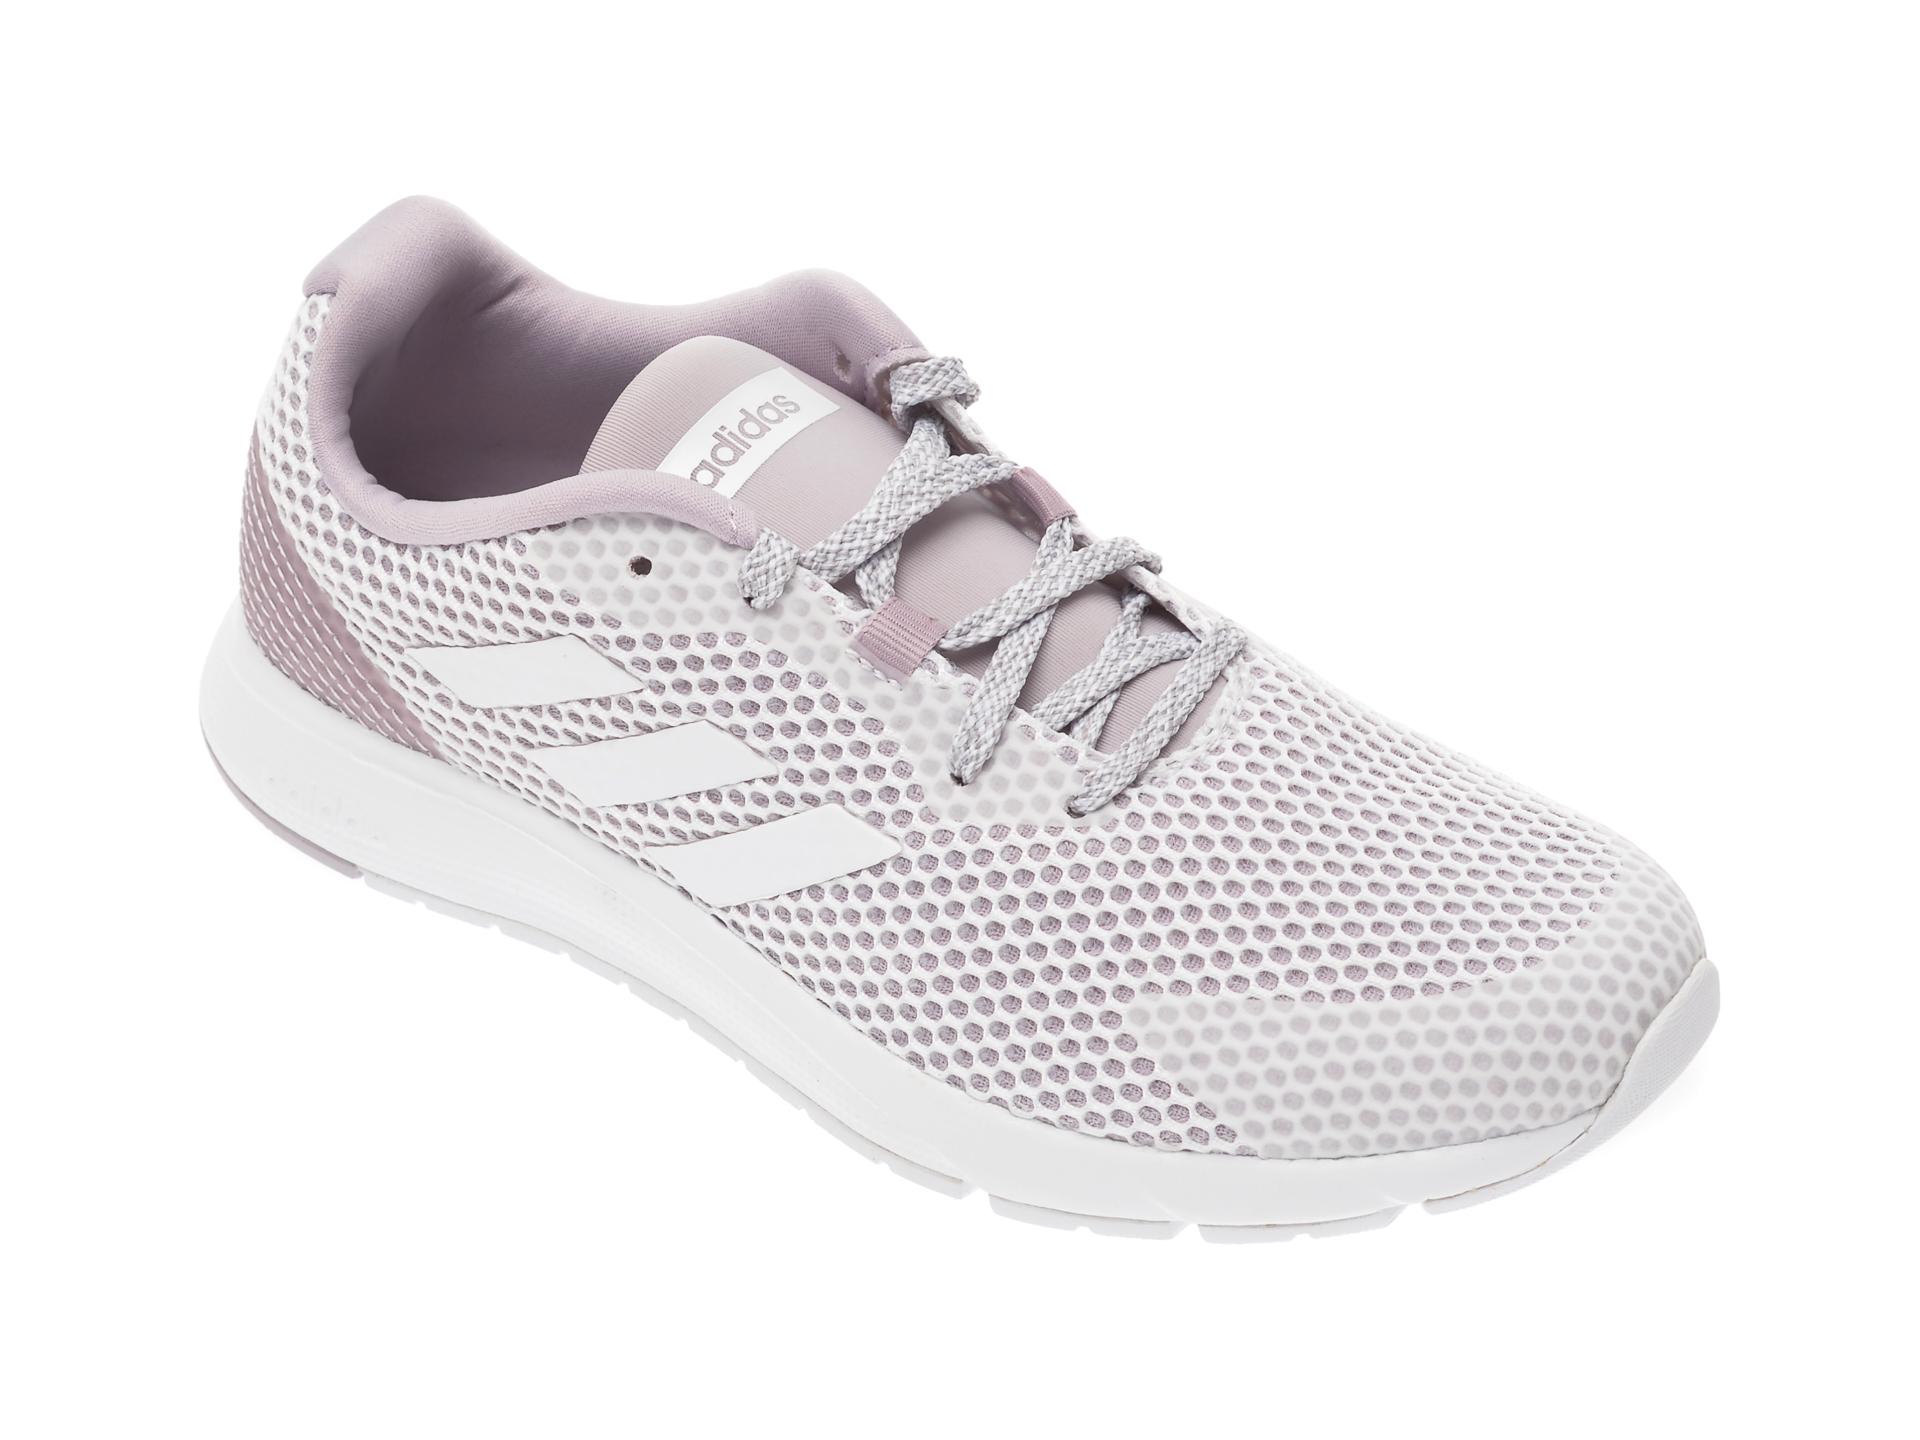 Pantofi sport ADIDAS albi, Sooraj, din material textil